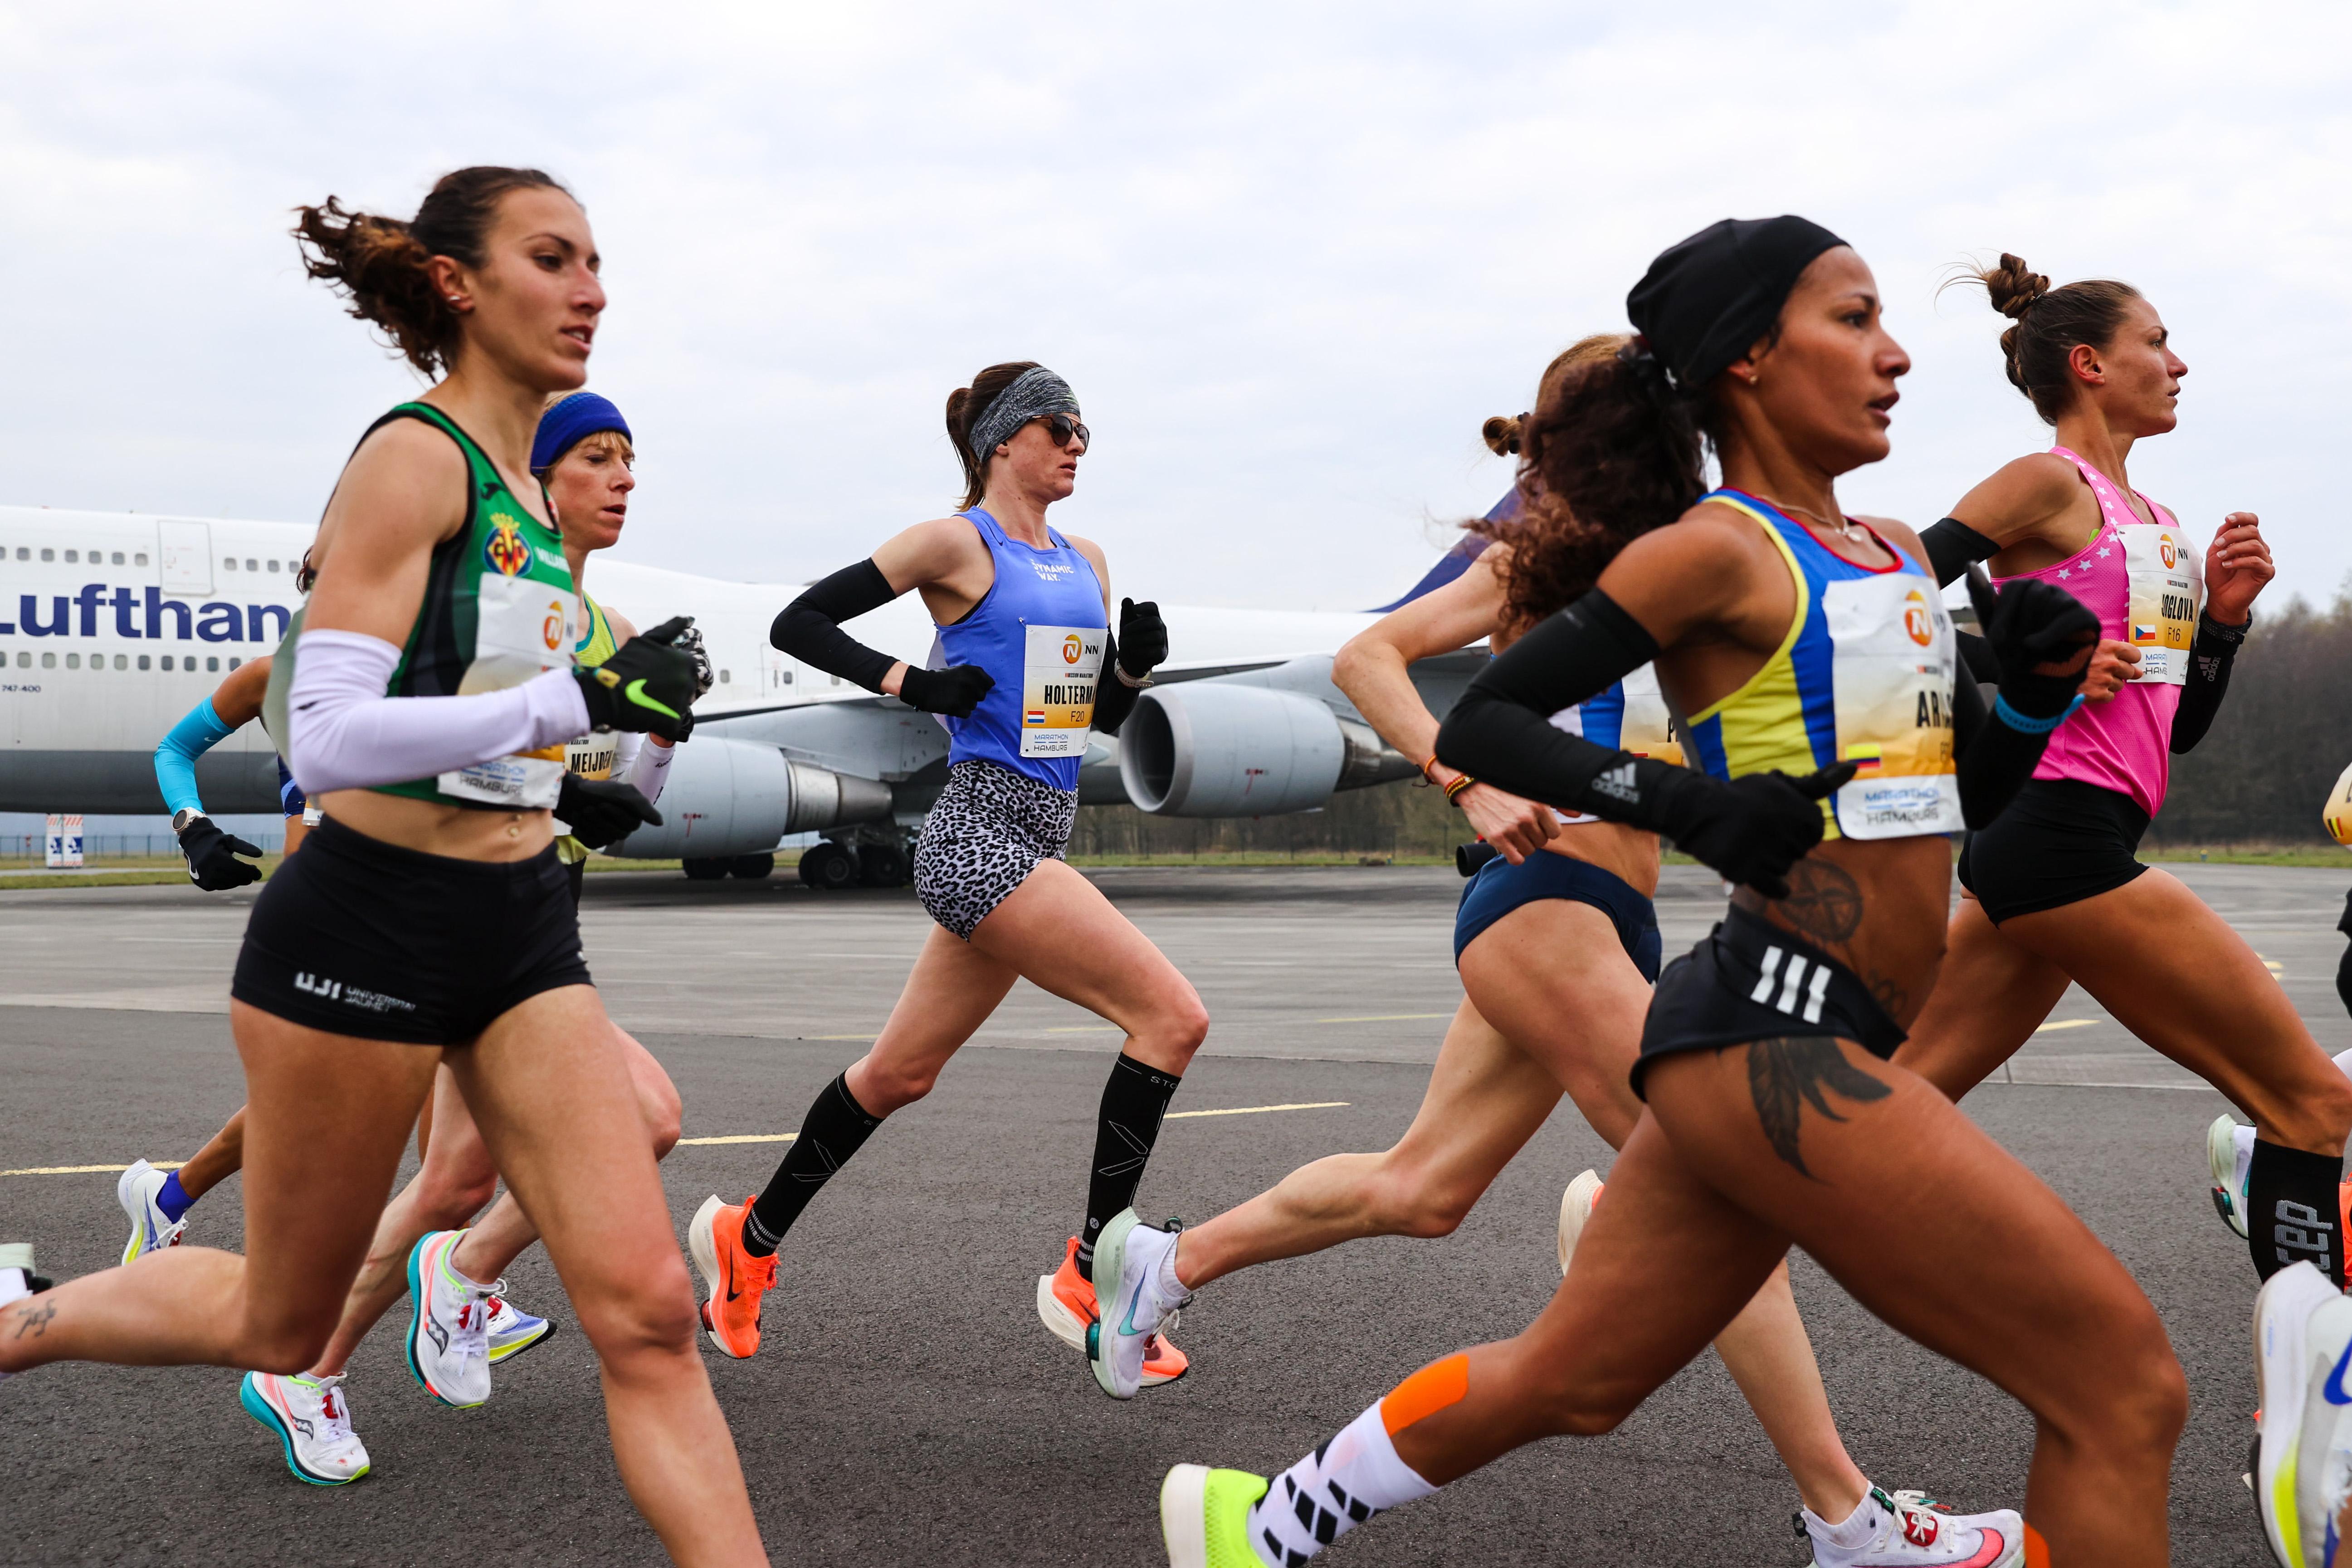 Het ene marathonsucces is het andere niet: voor Michel Butter loert een doemscenario, terwijl Jill Holterman een olympisch startbewijs niet kan ontgaan. 'Ik ben geen voetnoot meer' [video]